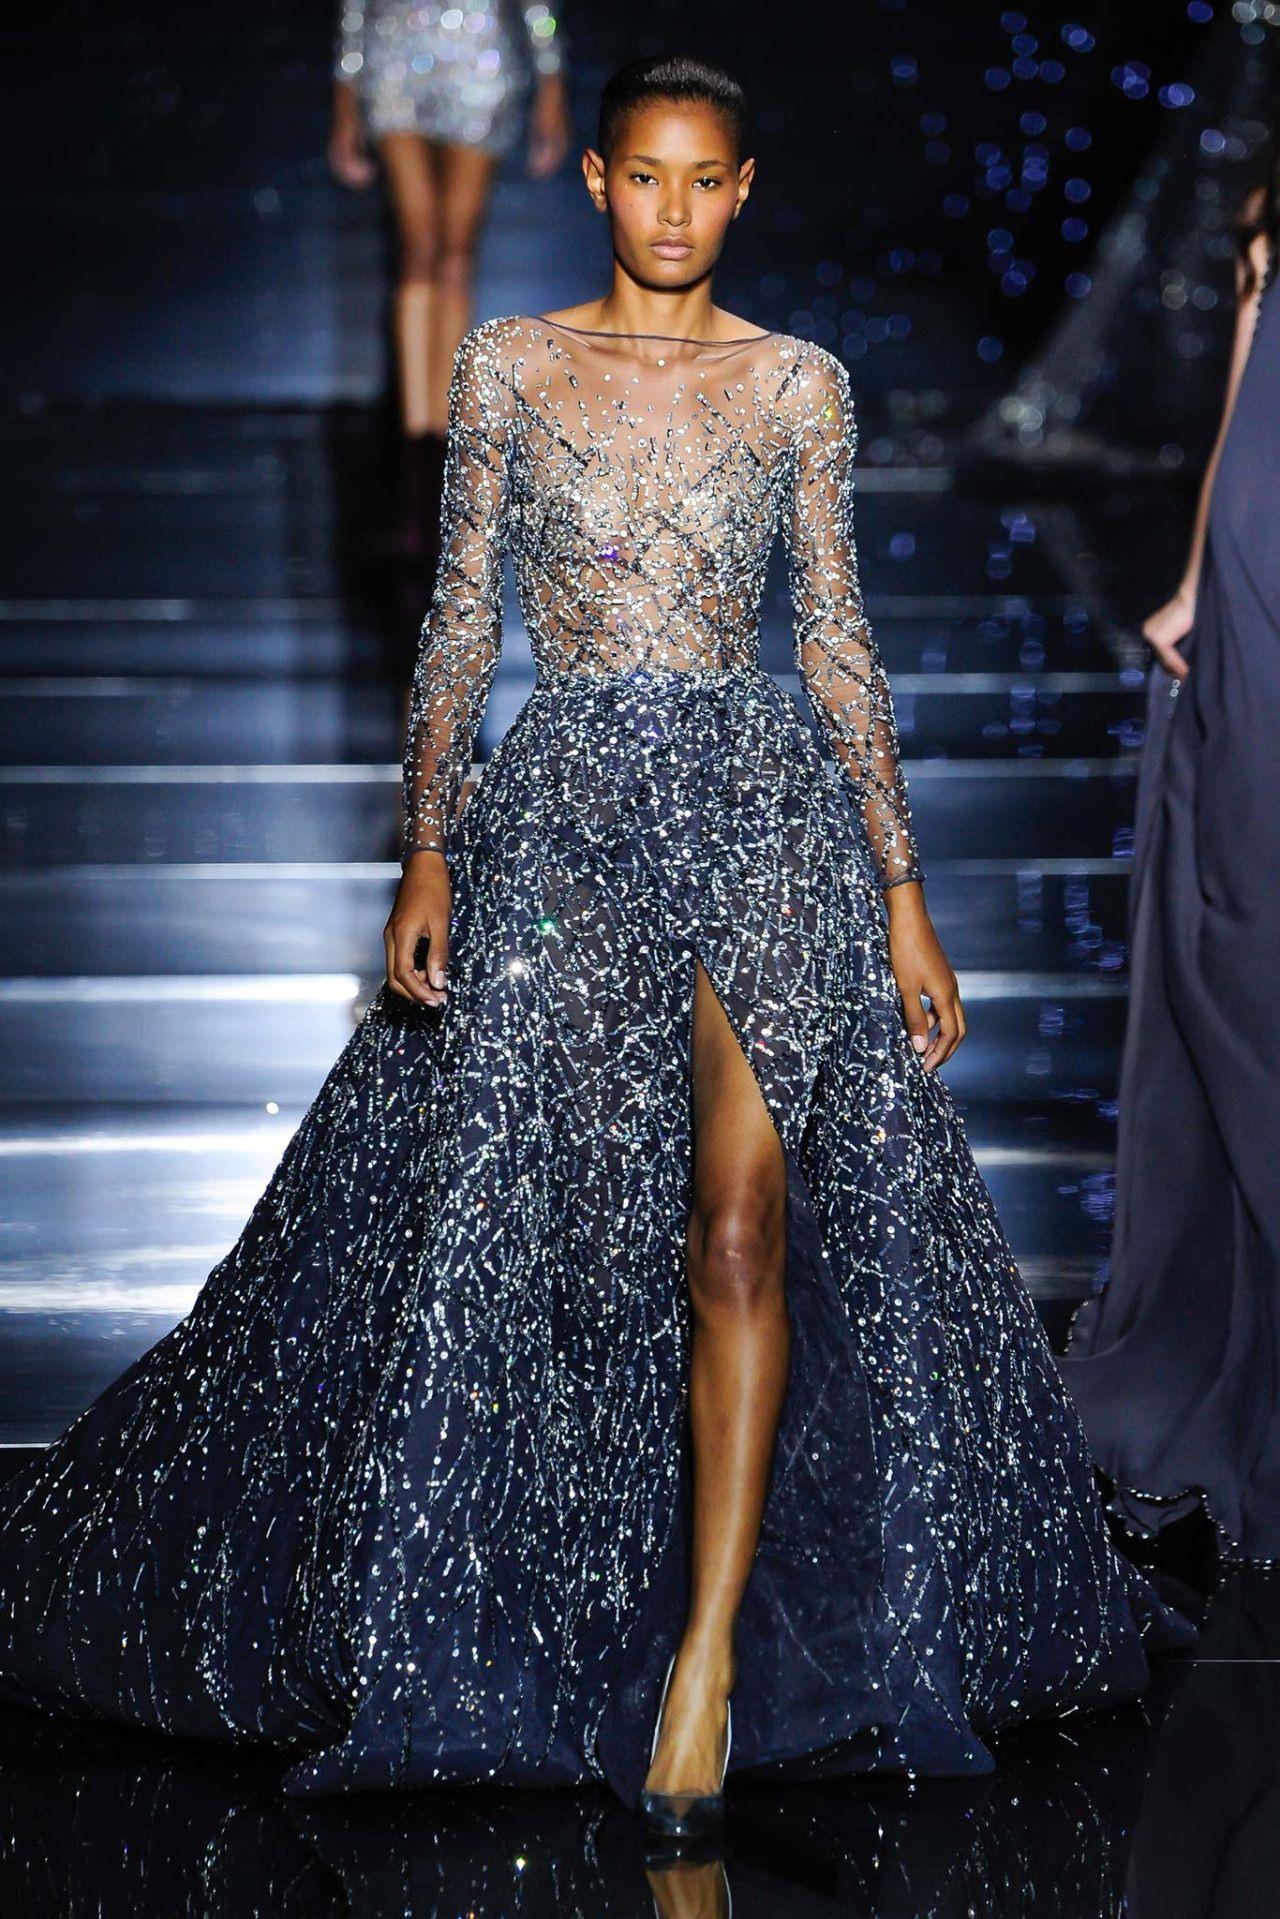 20 Genial Extravagante Abendkleider Vertrieb20 Genial Extravagante Abendkleider Boutique